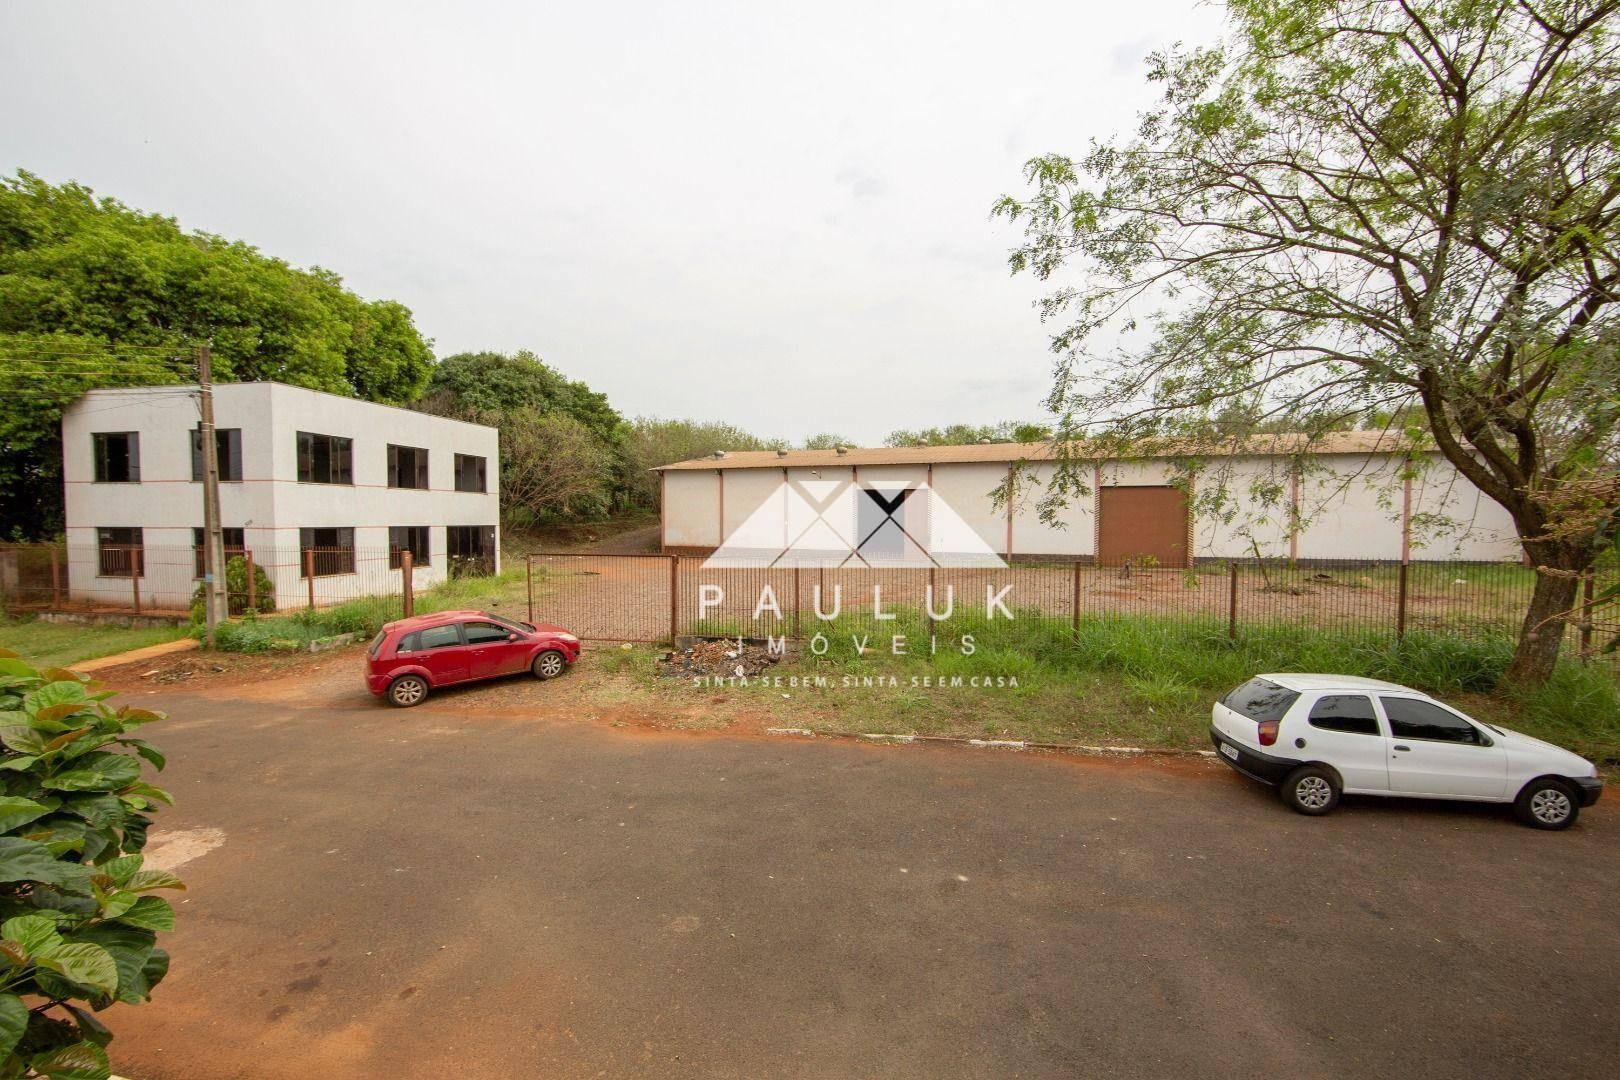 Barracão à Venda, 1509 M² Por R$ 2.000.000,00 - Pilar Parque Campestre - Foz do Iguaçu/pr | PAULUK IMÓVEIS | Portal OBusca